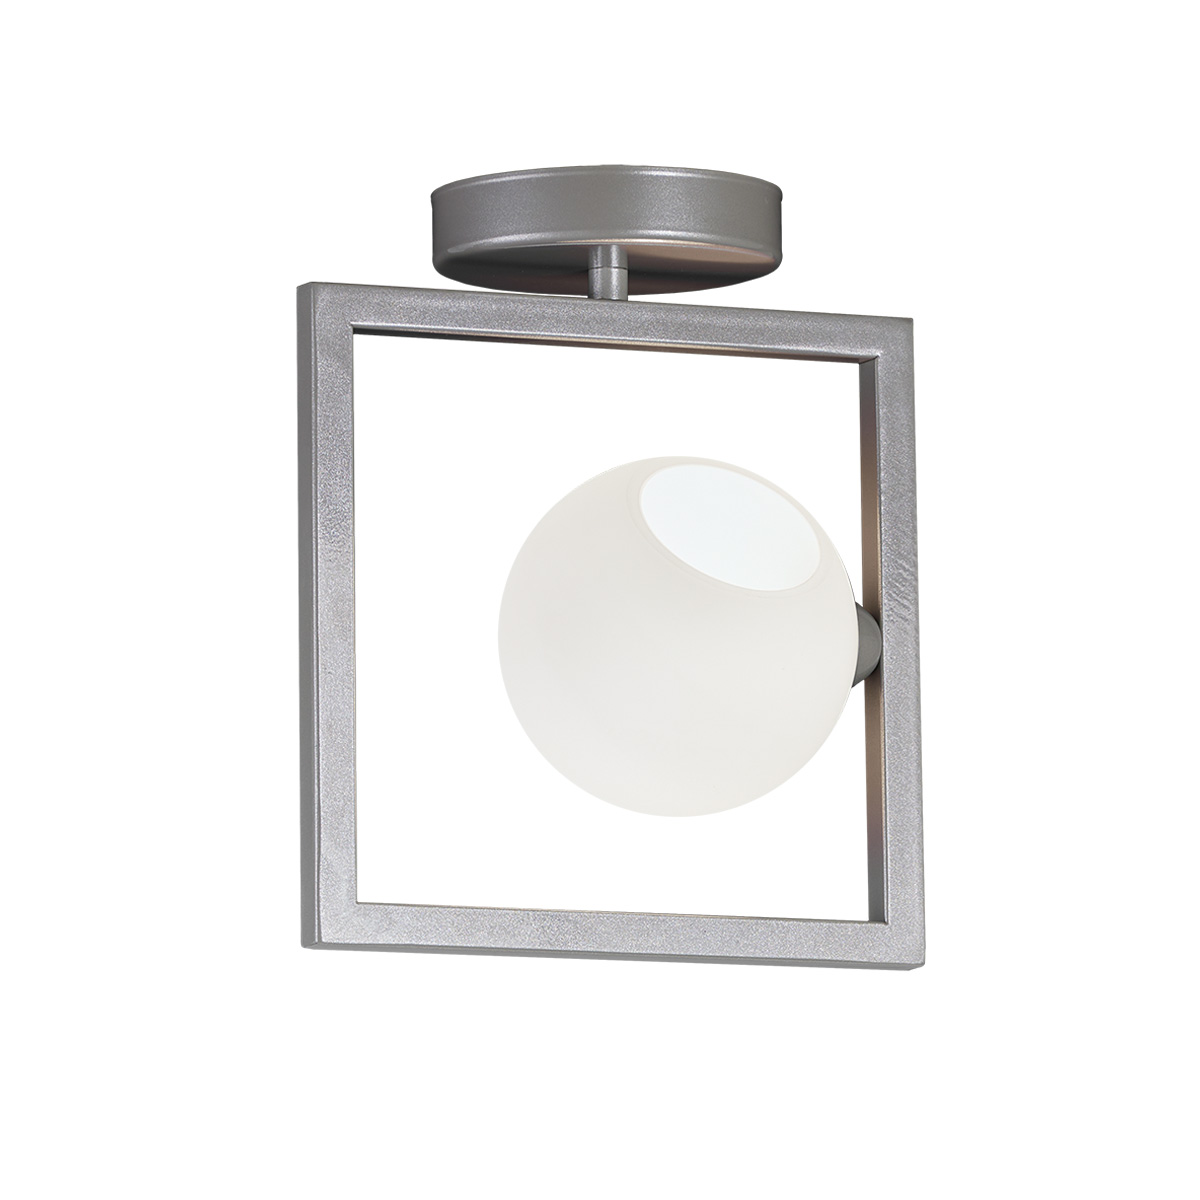 Φωτιστικό οροφής με μπάλα ΜΠΑΛΕΣ ceiling lamp with Murano glass